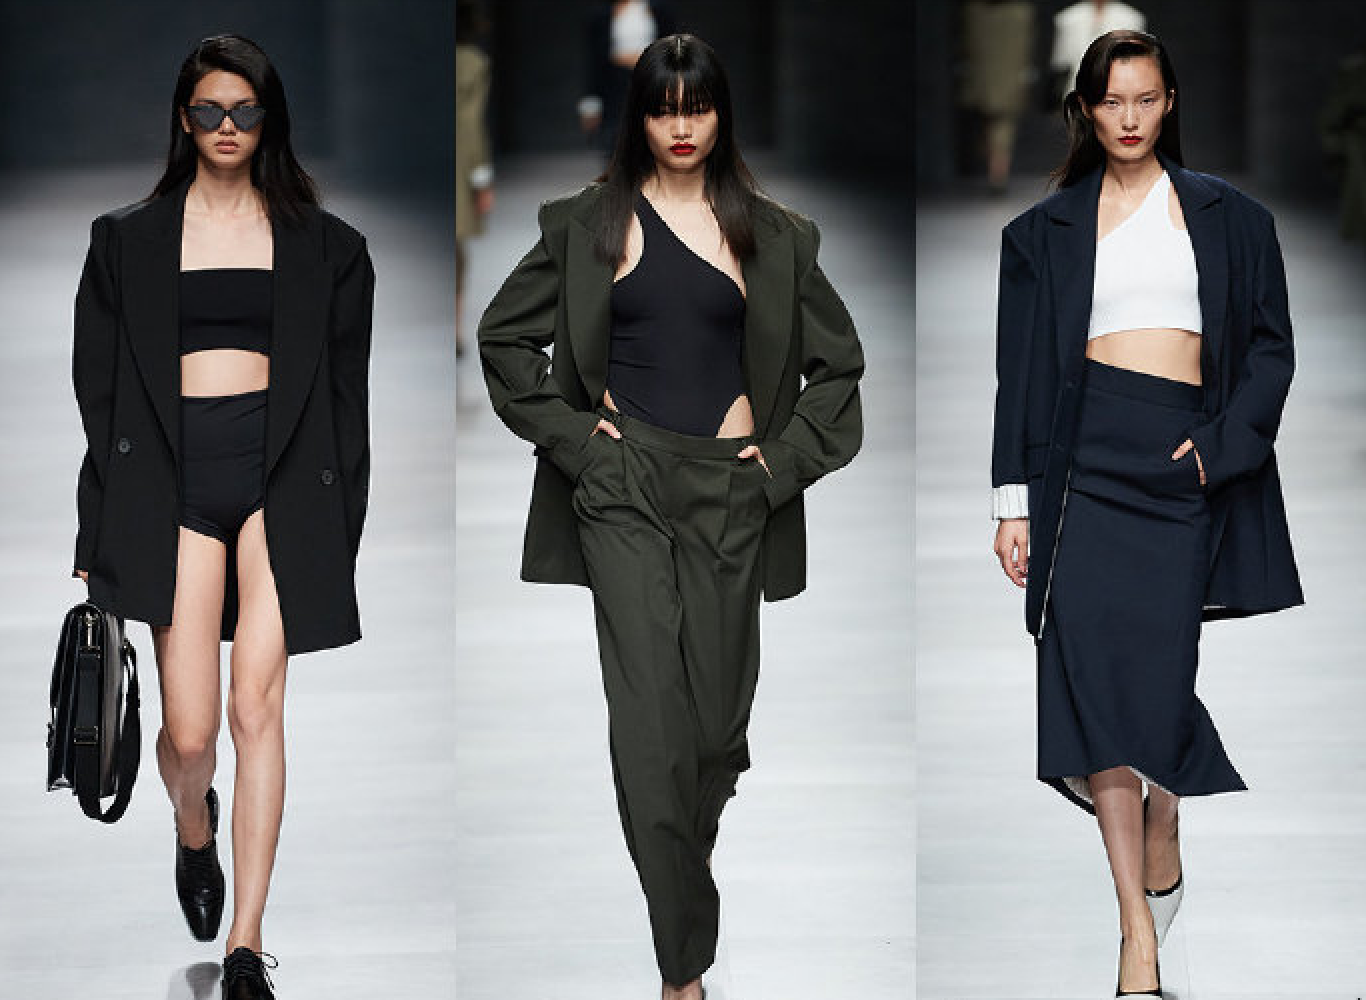 不止是独立设计师,这些实力雄厚的中国企业也来到了上海时装周